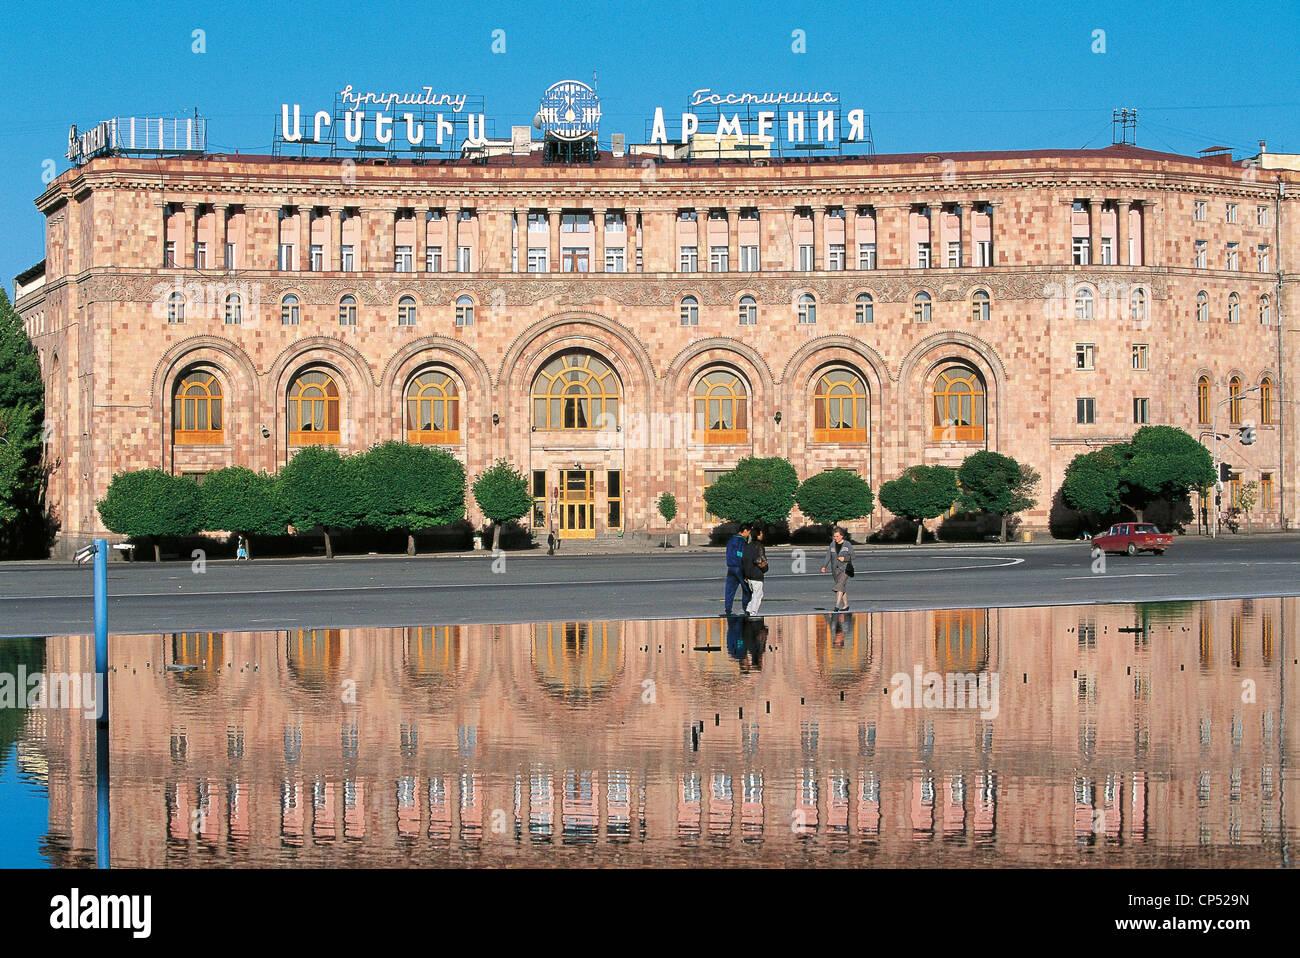 Armenien der neunziger Jahre des 20. Jahrhunderts - Eriwan - Piazza della Repubblica. Hotel Armenia Stockbild